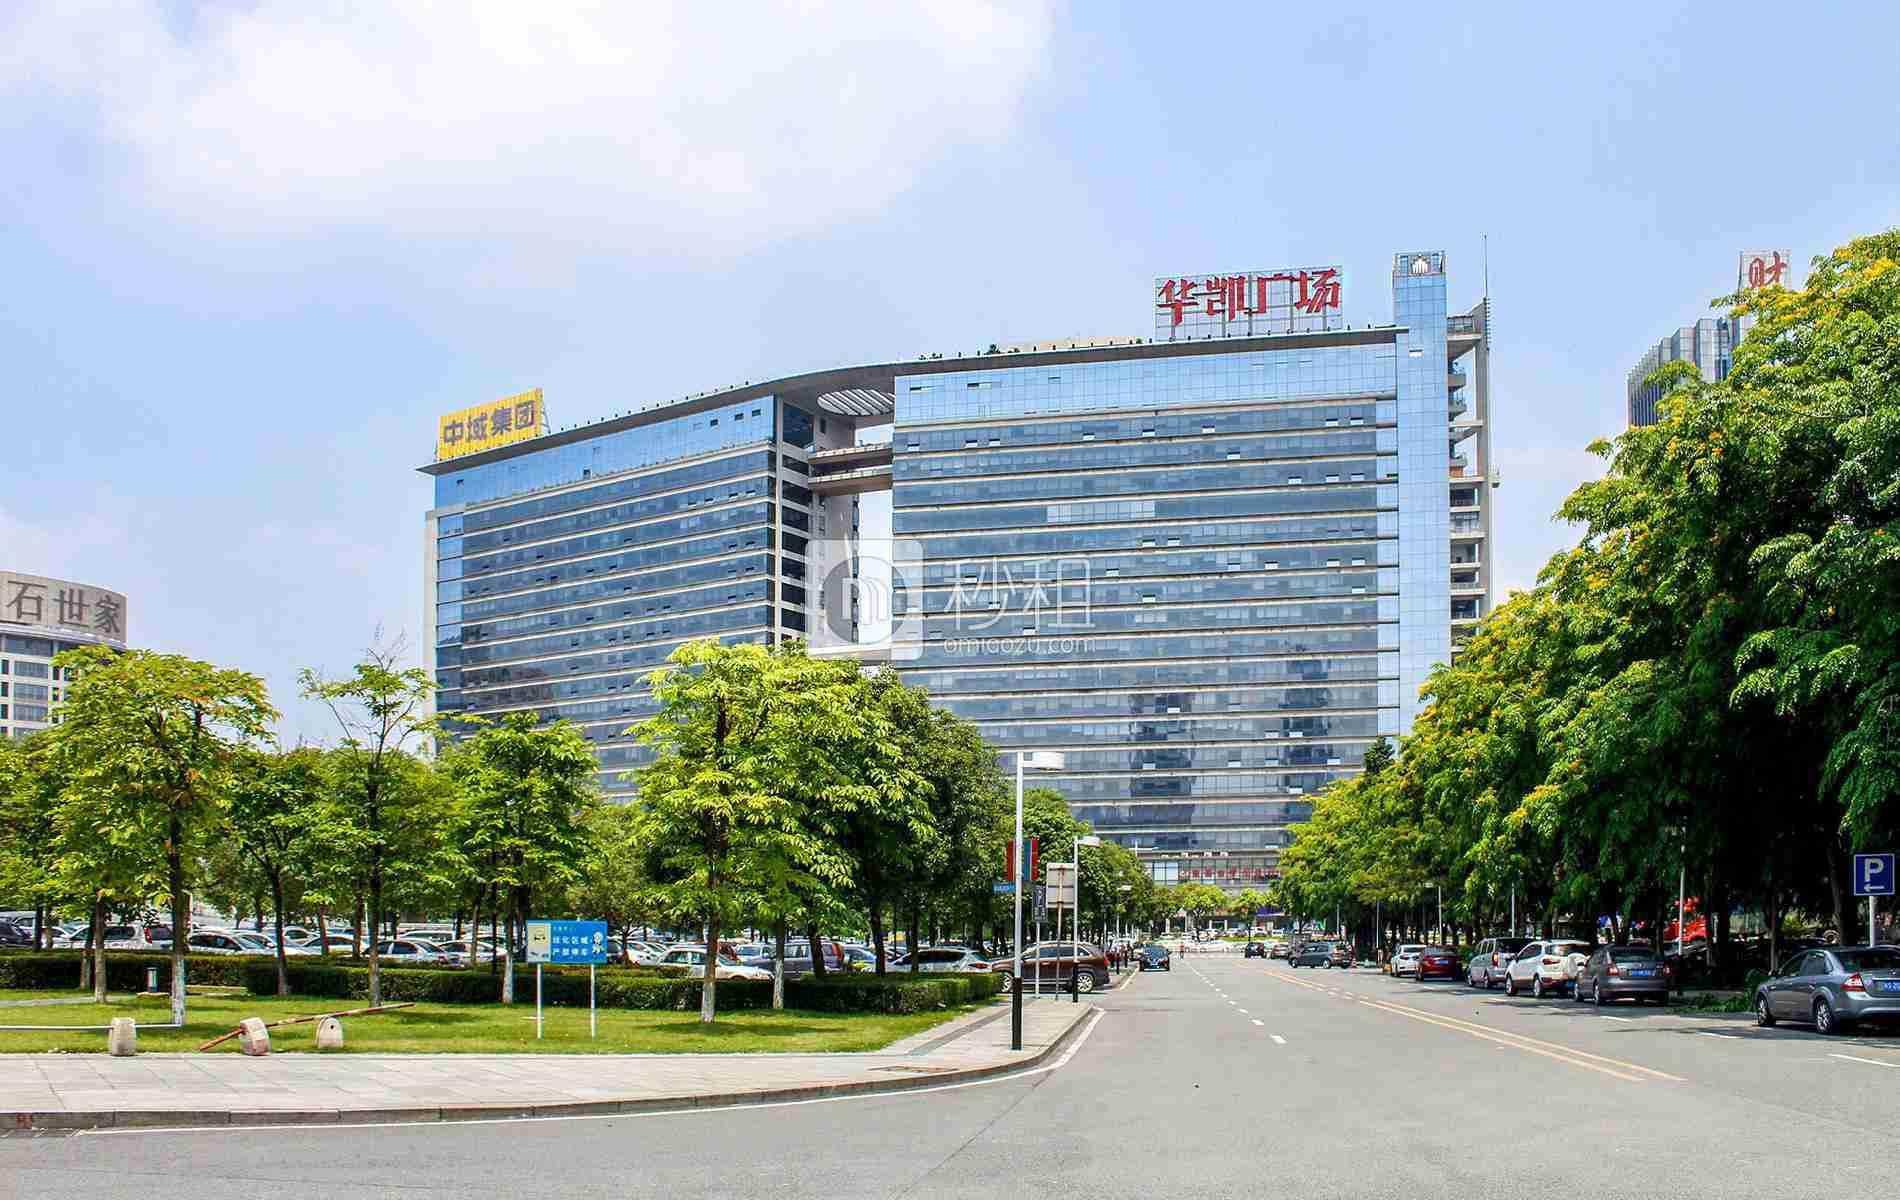 华凯广场写字楼出租/招租/租赁,华凯广场办公室出租/招租/租赁